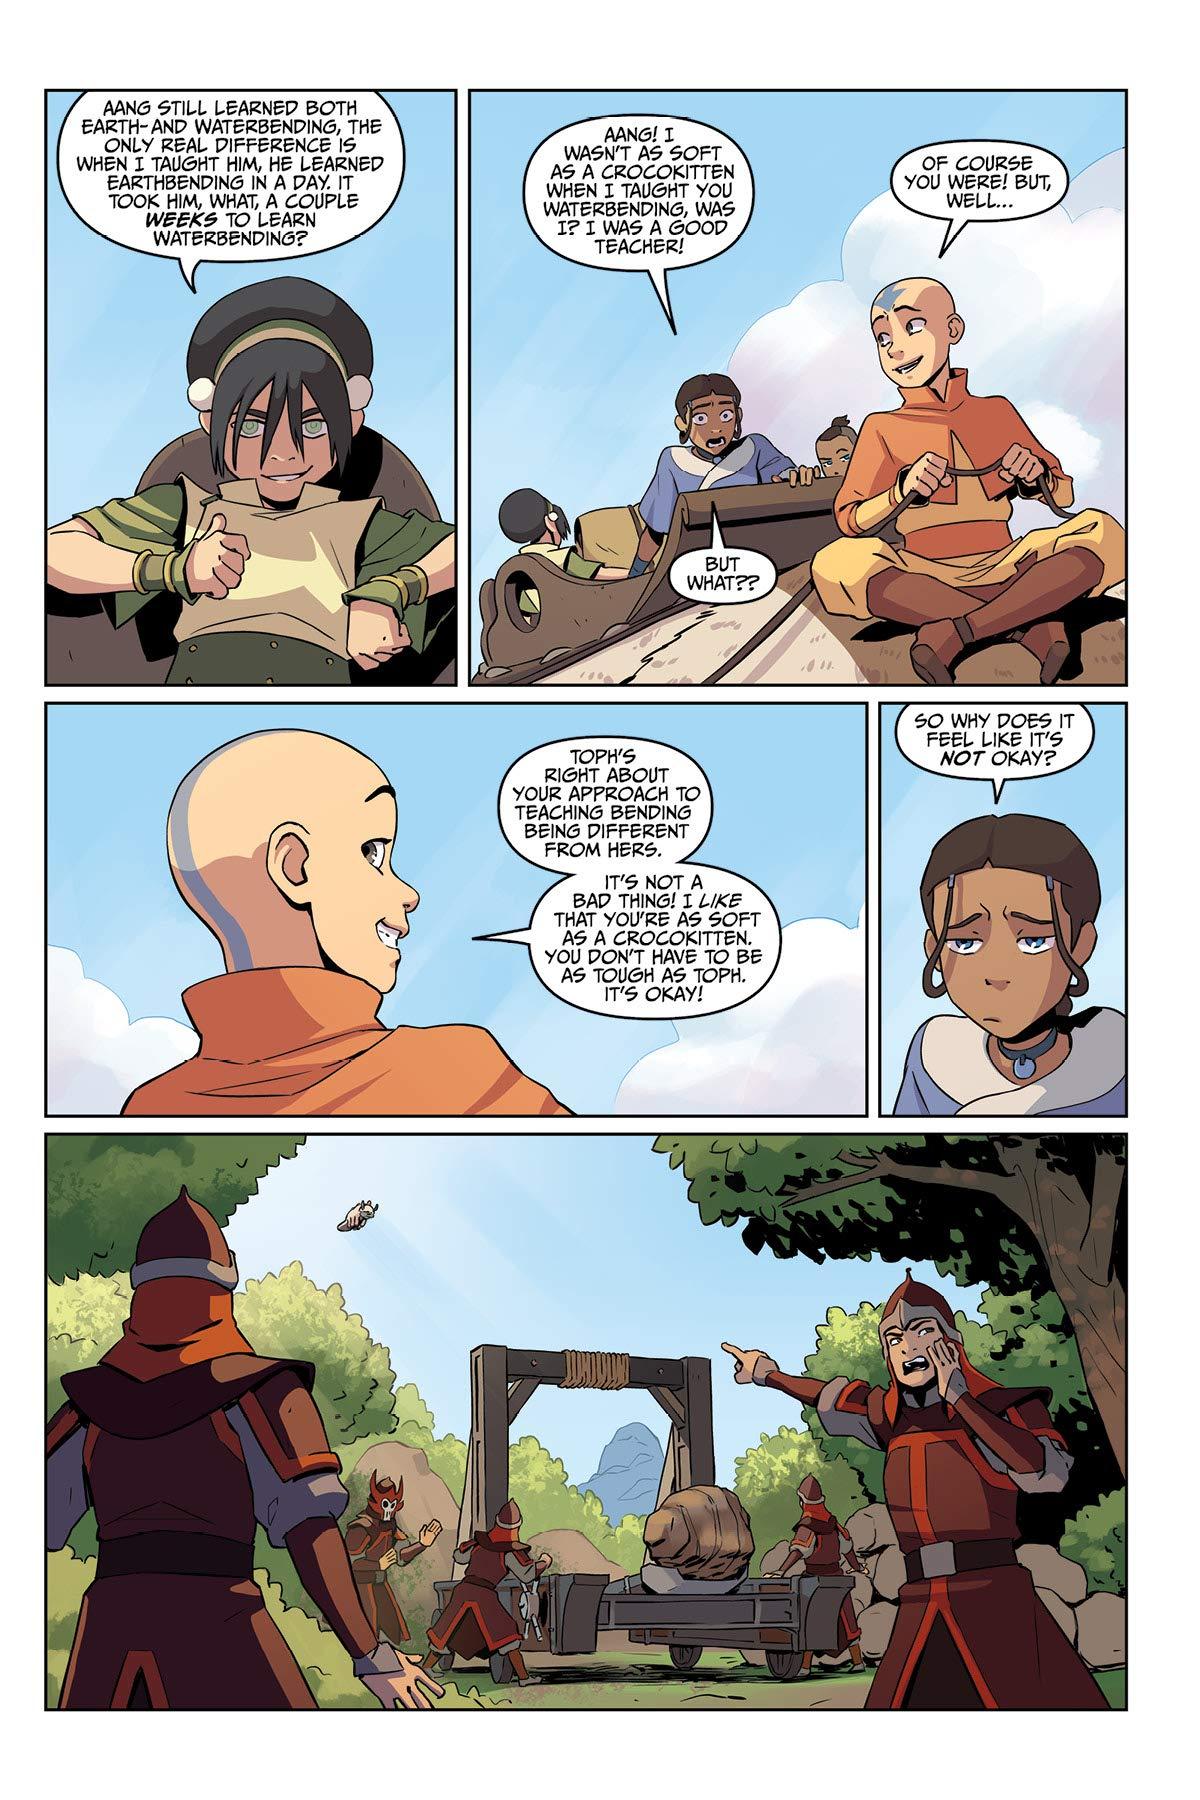 Avatar Last Airbender Katara Pirates Silver 00 Hicks Faith Erin Wartman Peter Matera Adele Amazon Nl